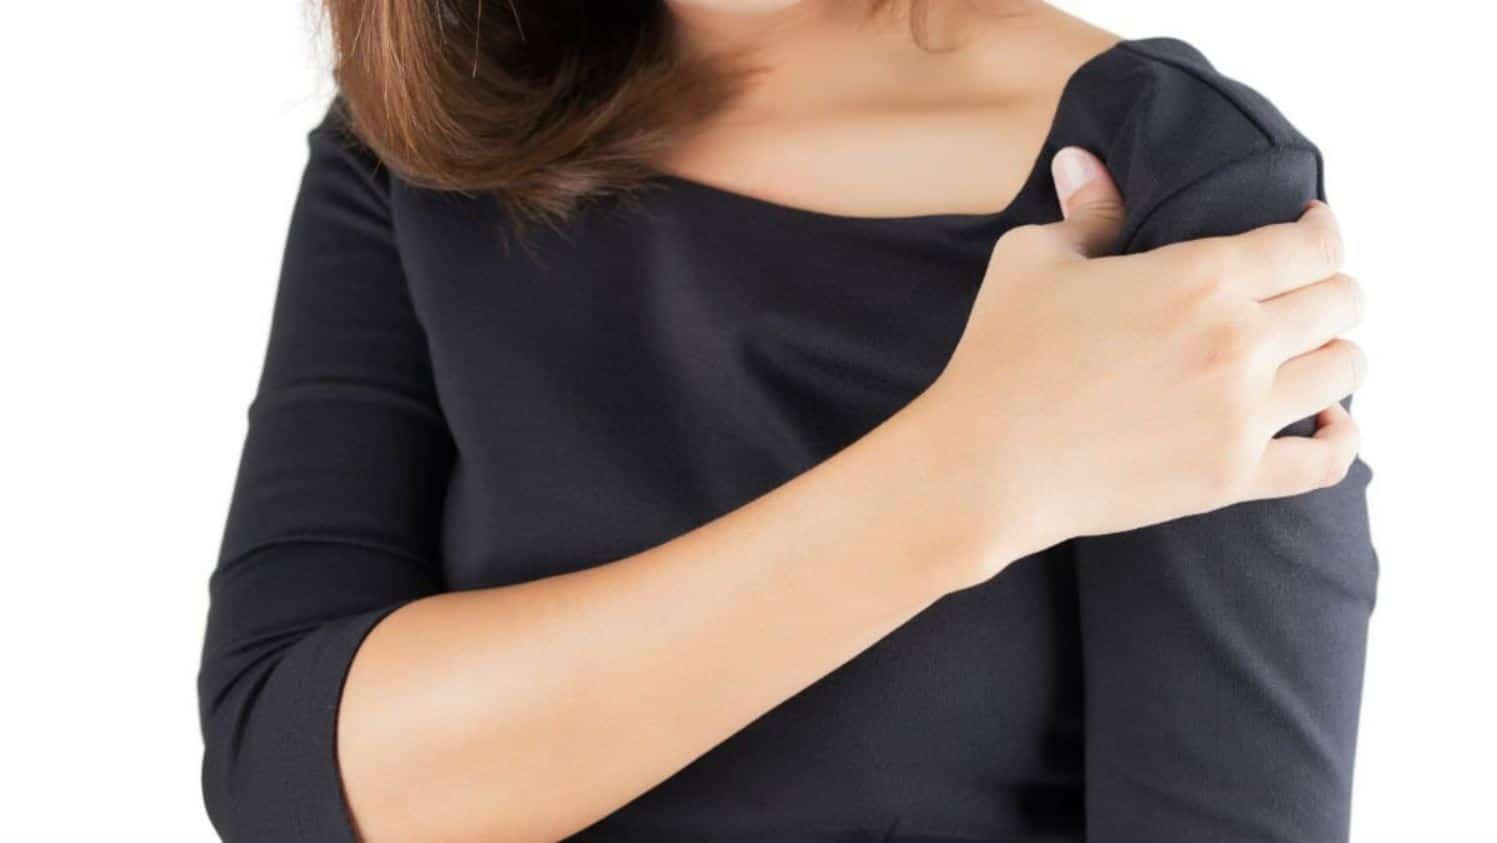 อาการปวดแขนเกิดจากอะไรได้บ้าง